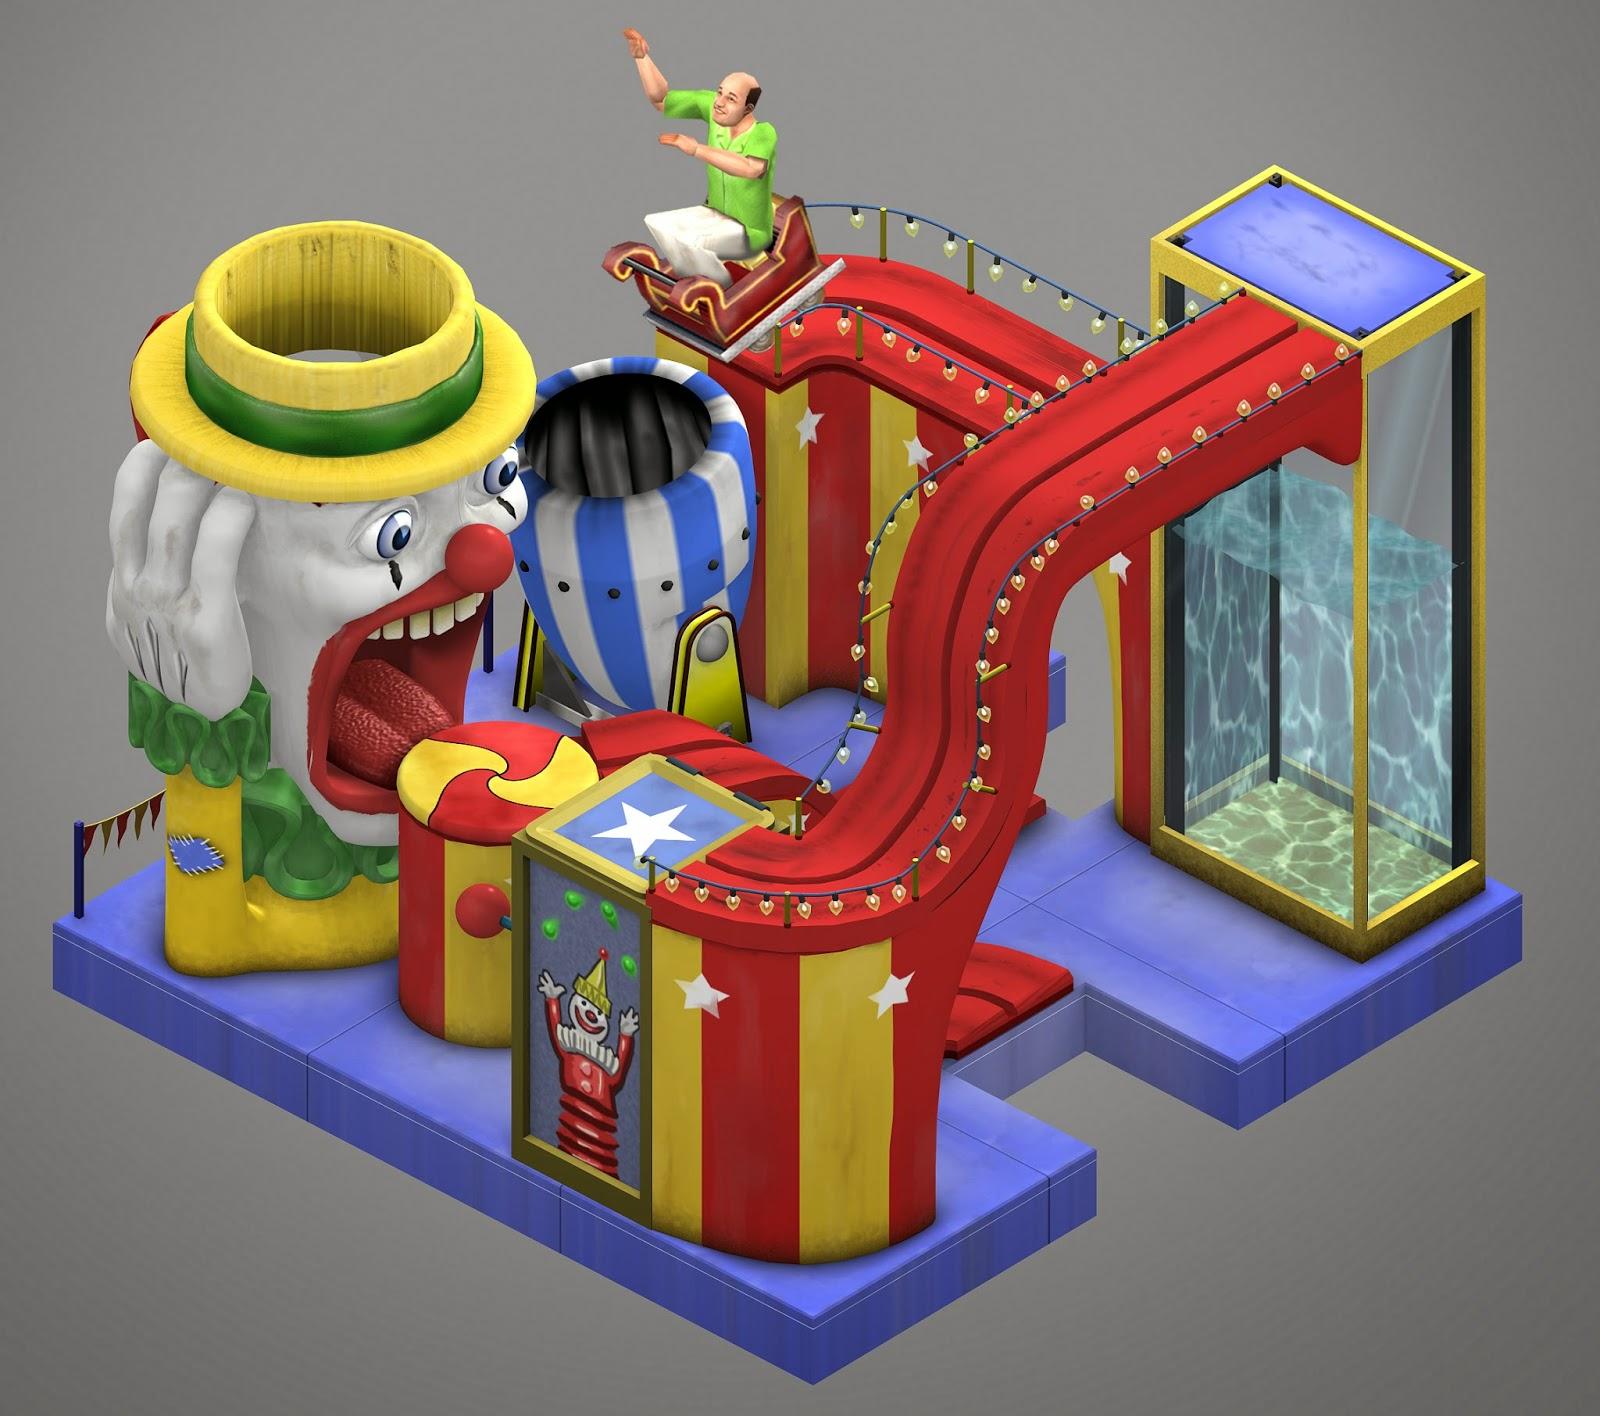 Cosas de la saga que deben regresar en los sims 4 sims for Mods sims 4 muebles